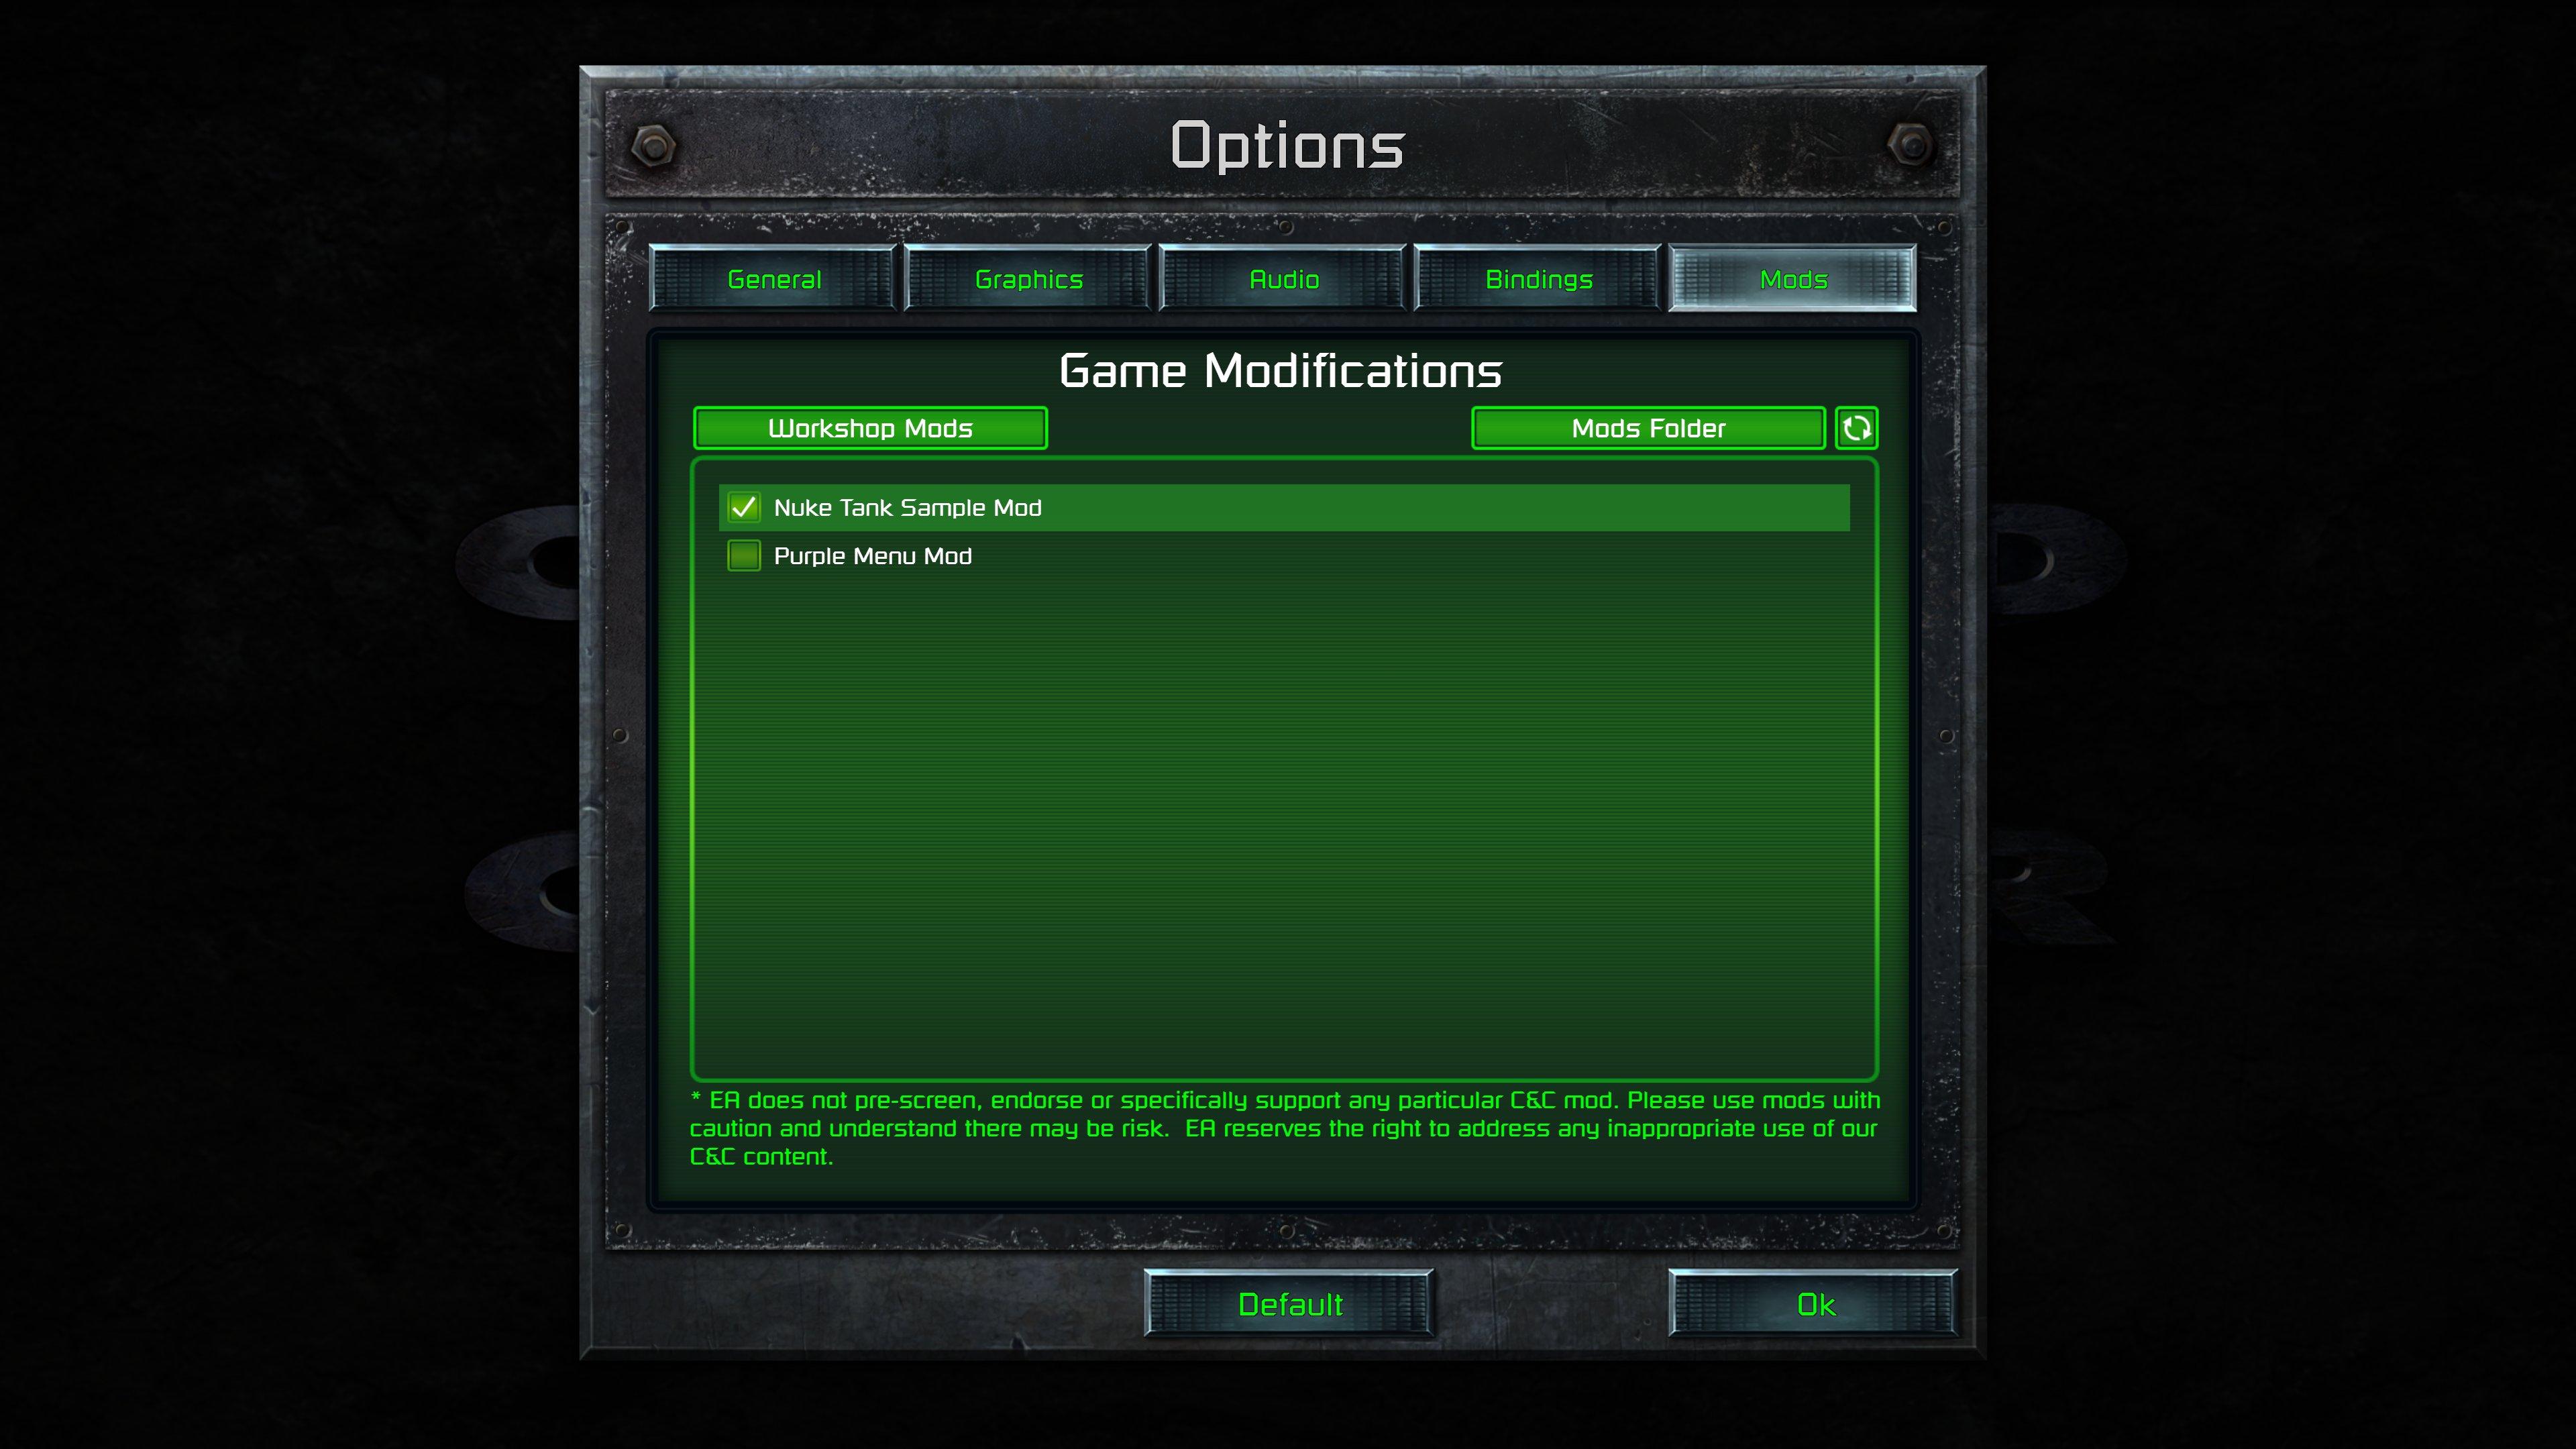 《命令与征服:重制版》Steam上MOD已超过2000个